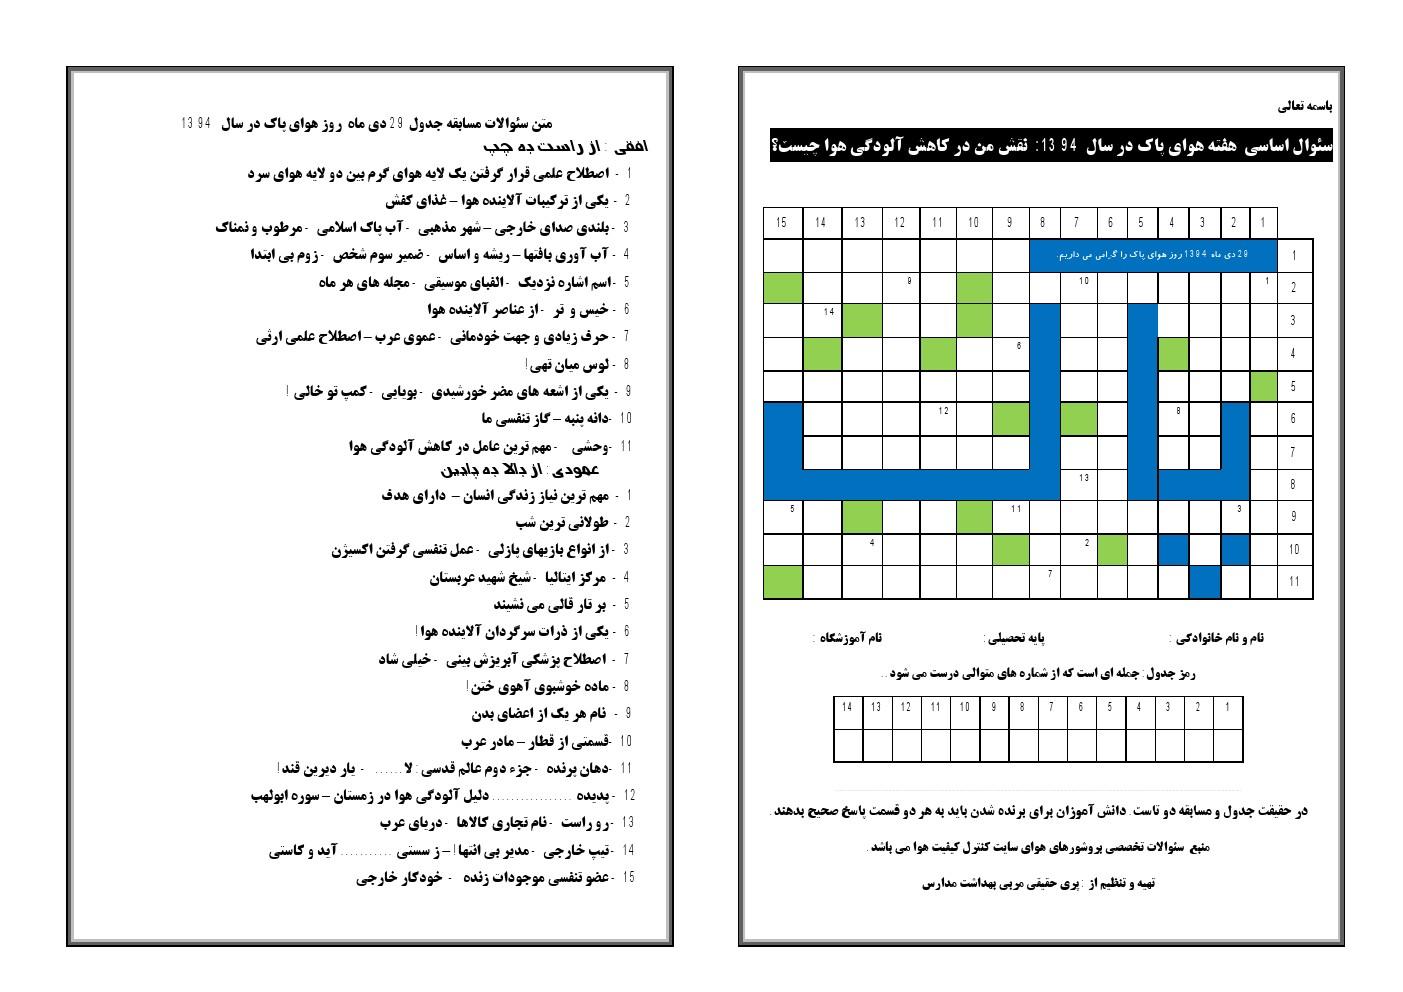 لباس فارغ تحصیلی دانشجویان جوابهای-جدول-سال-94-هوای-پاک